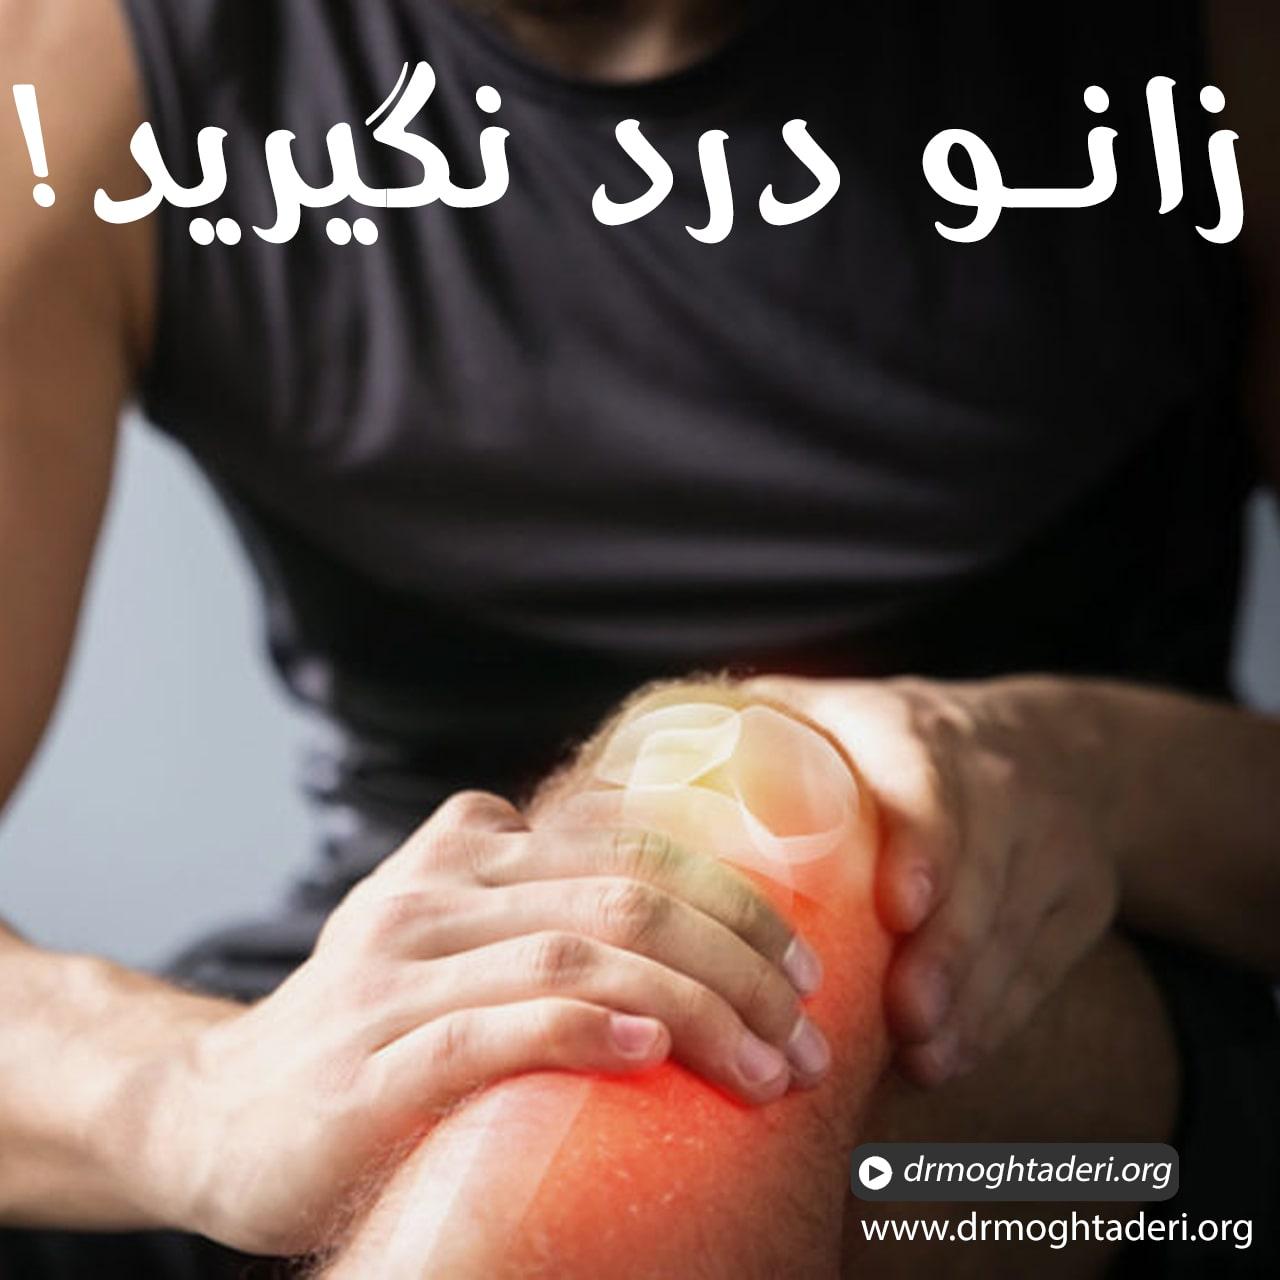 زانو درد نگیرید